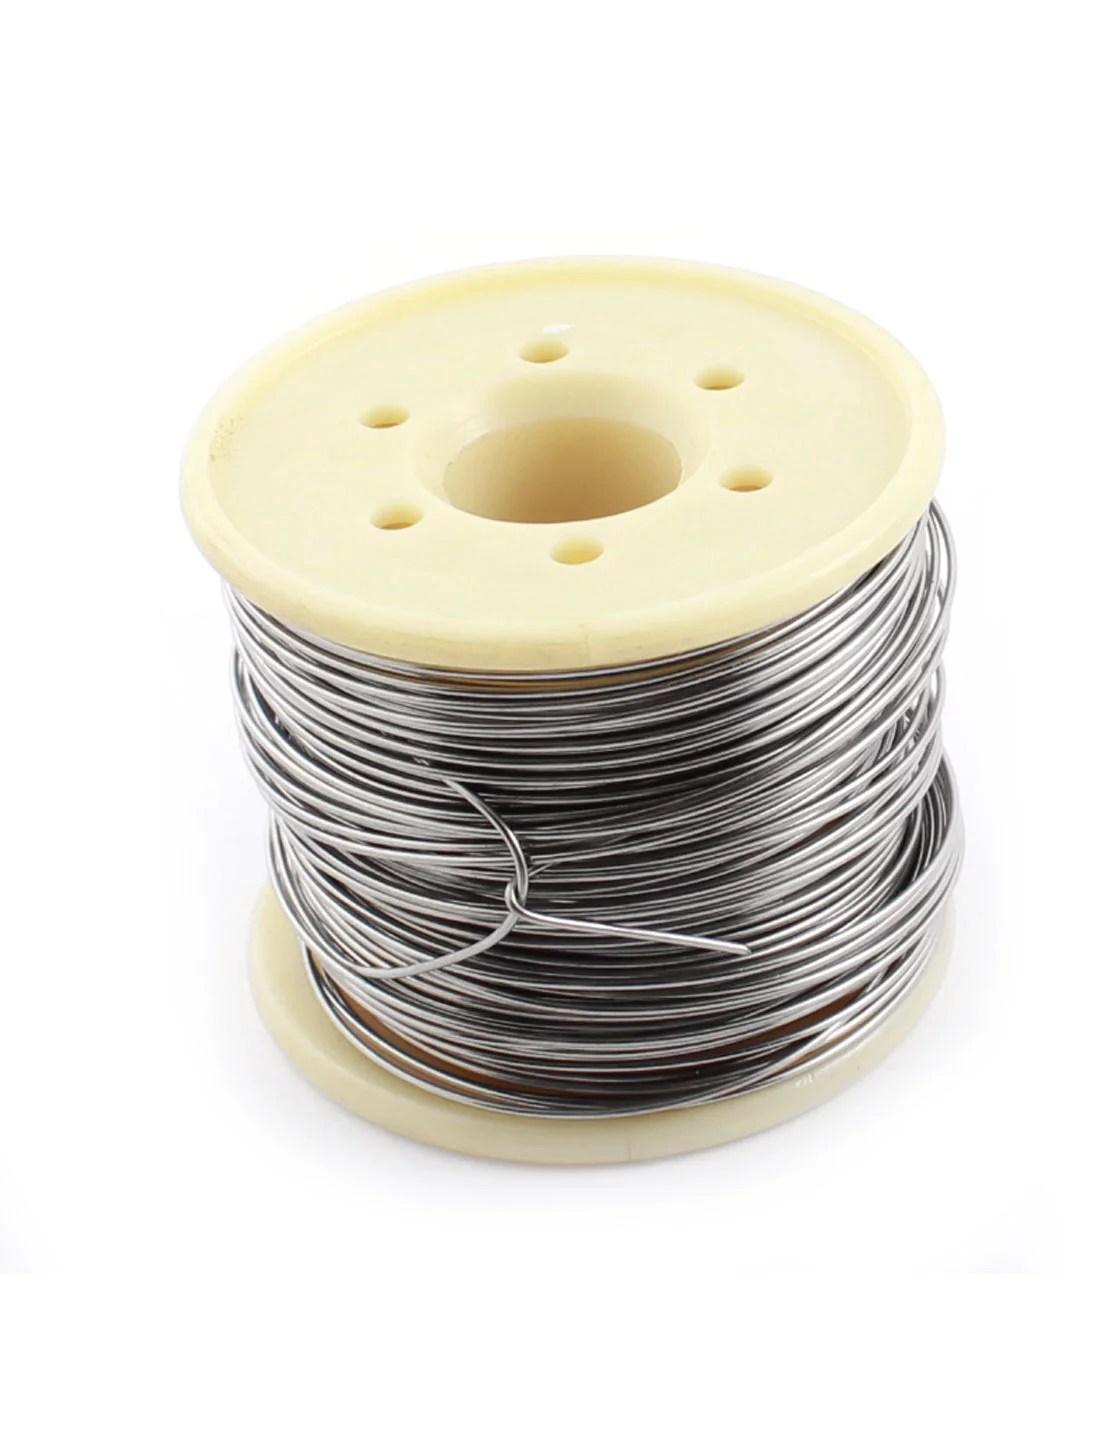 water heaters 30m 0 8mm diameter awg20 20 gauge resistor wire resistance heating cooling air [ 2000 x 2000 Pixel ]